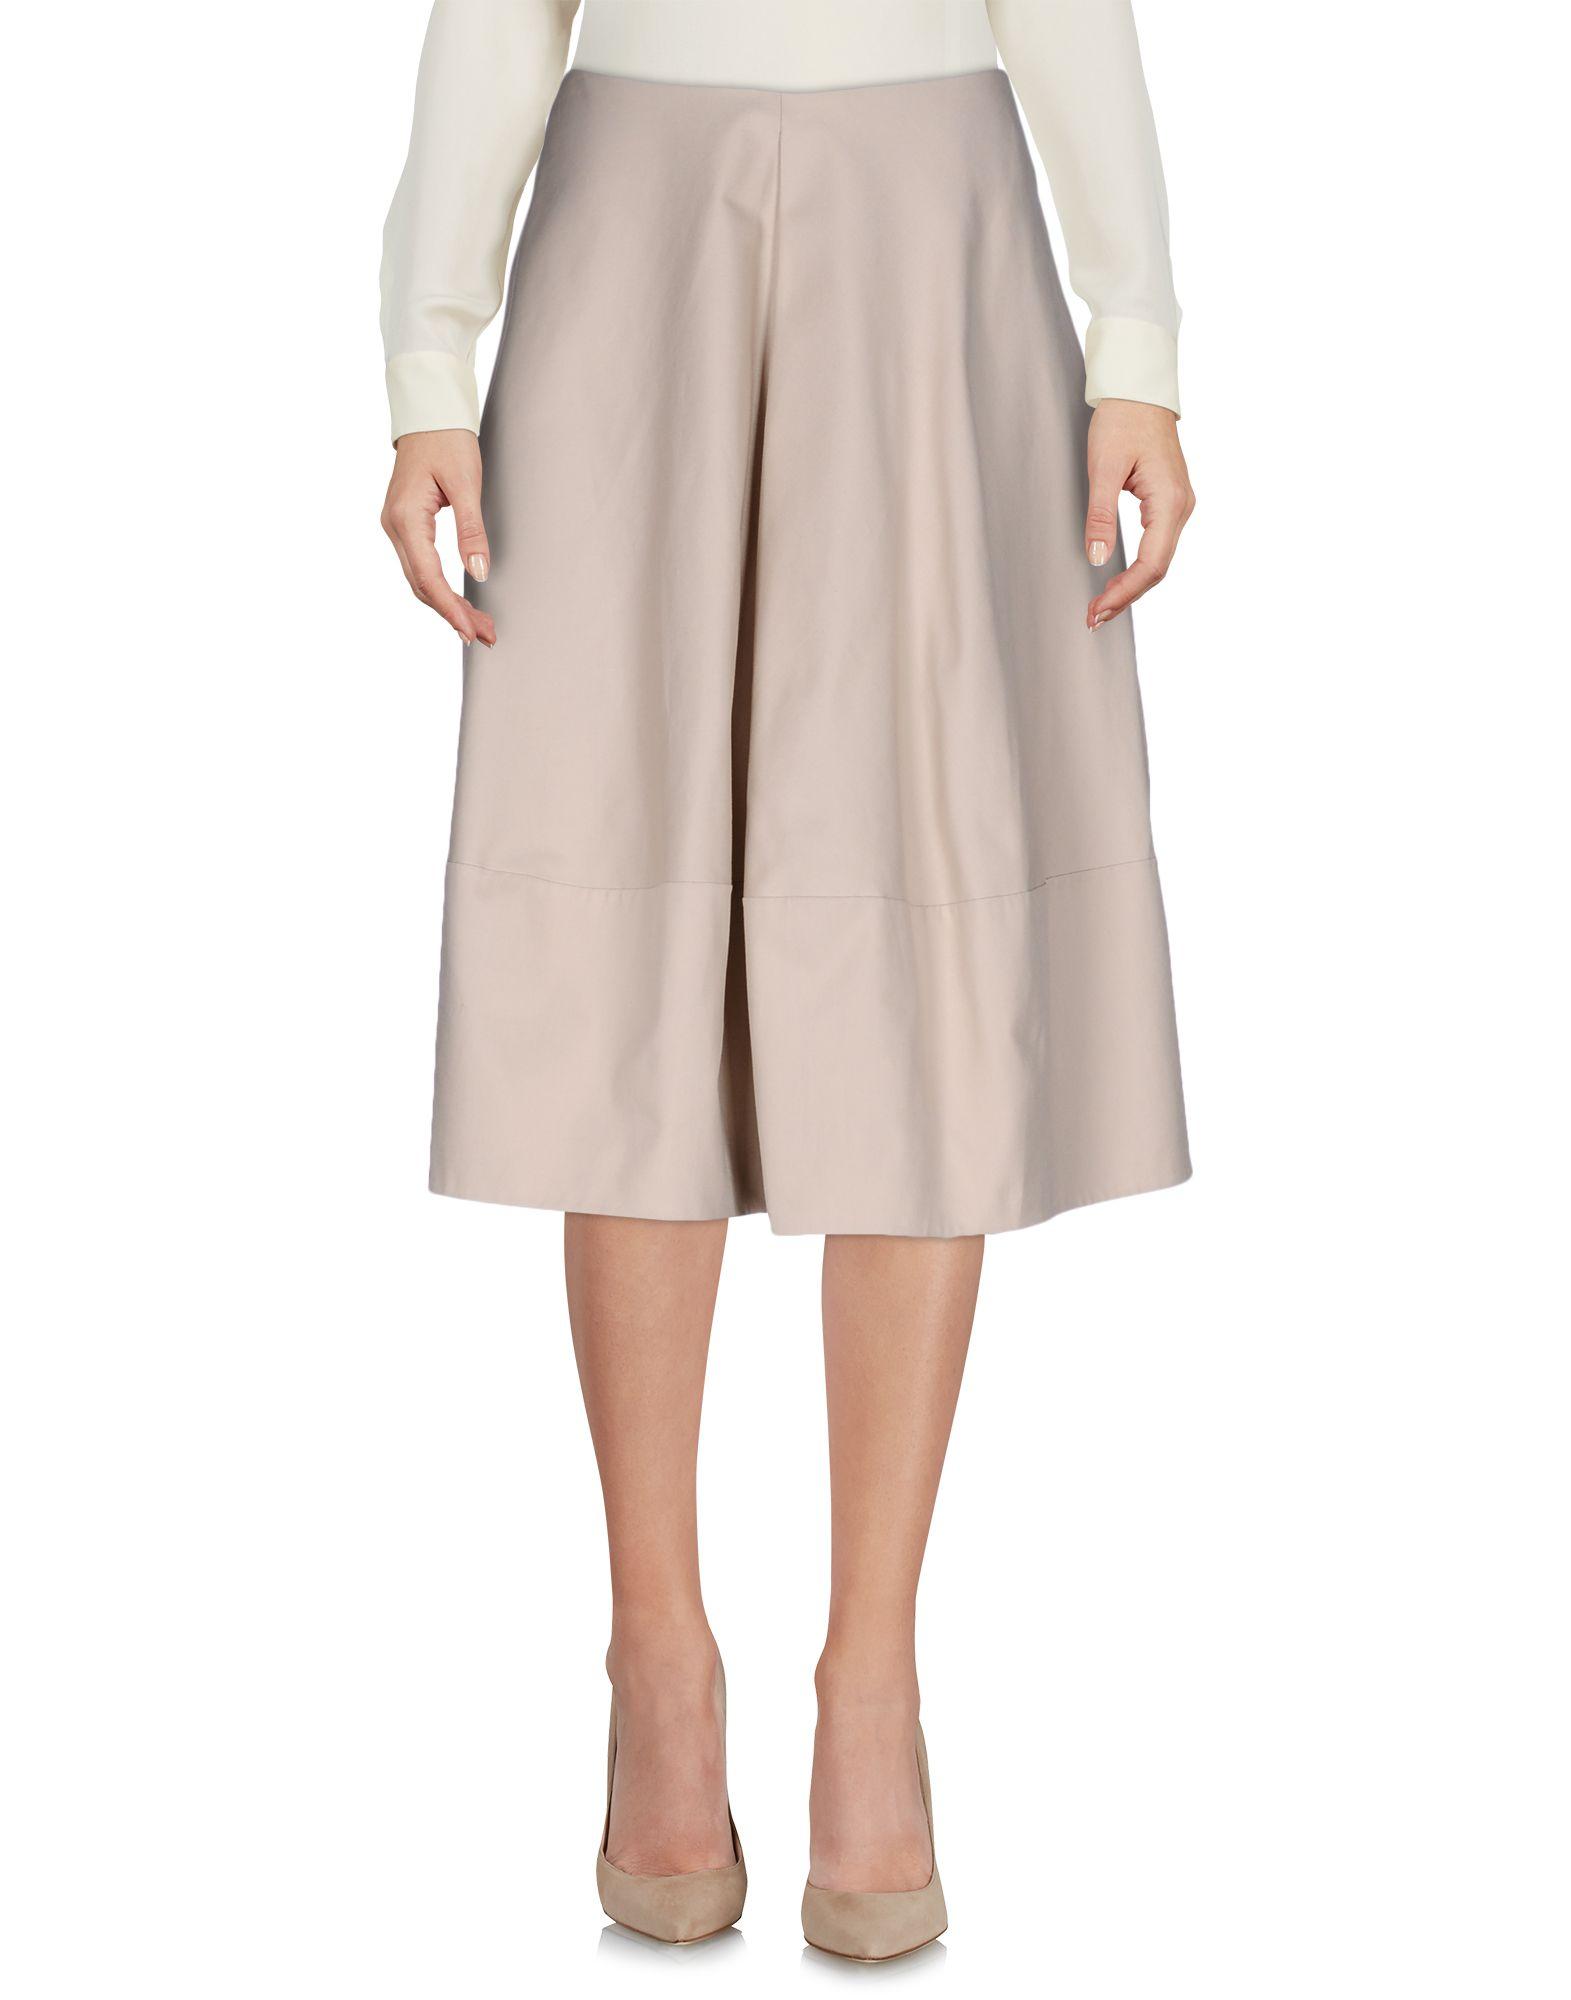 jil sander navy female jil sander navy 34 length skirts